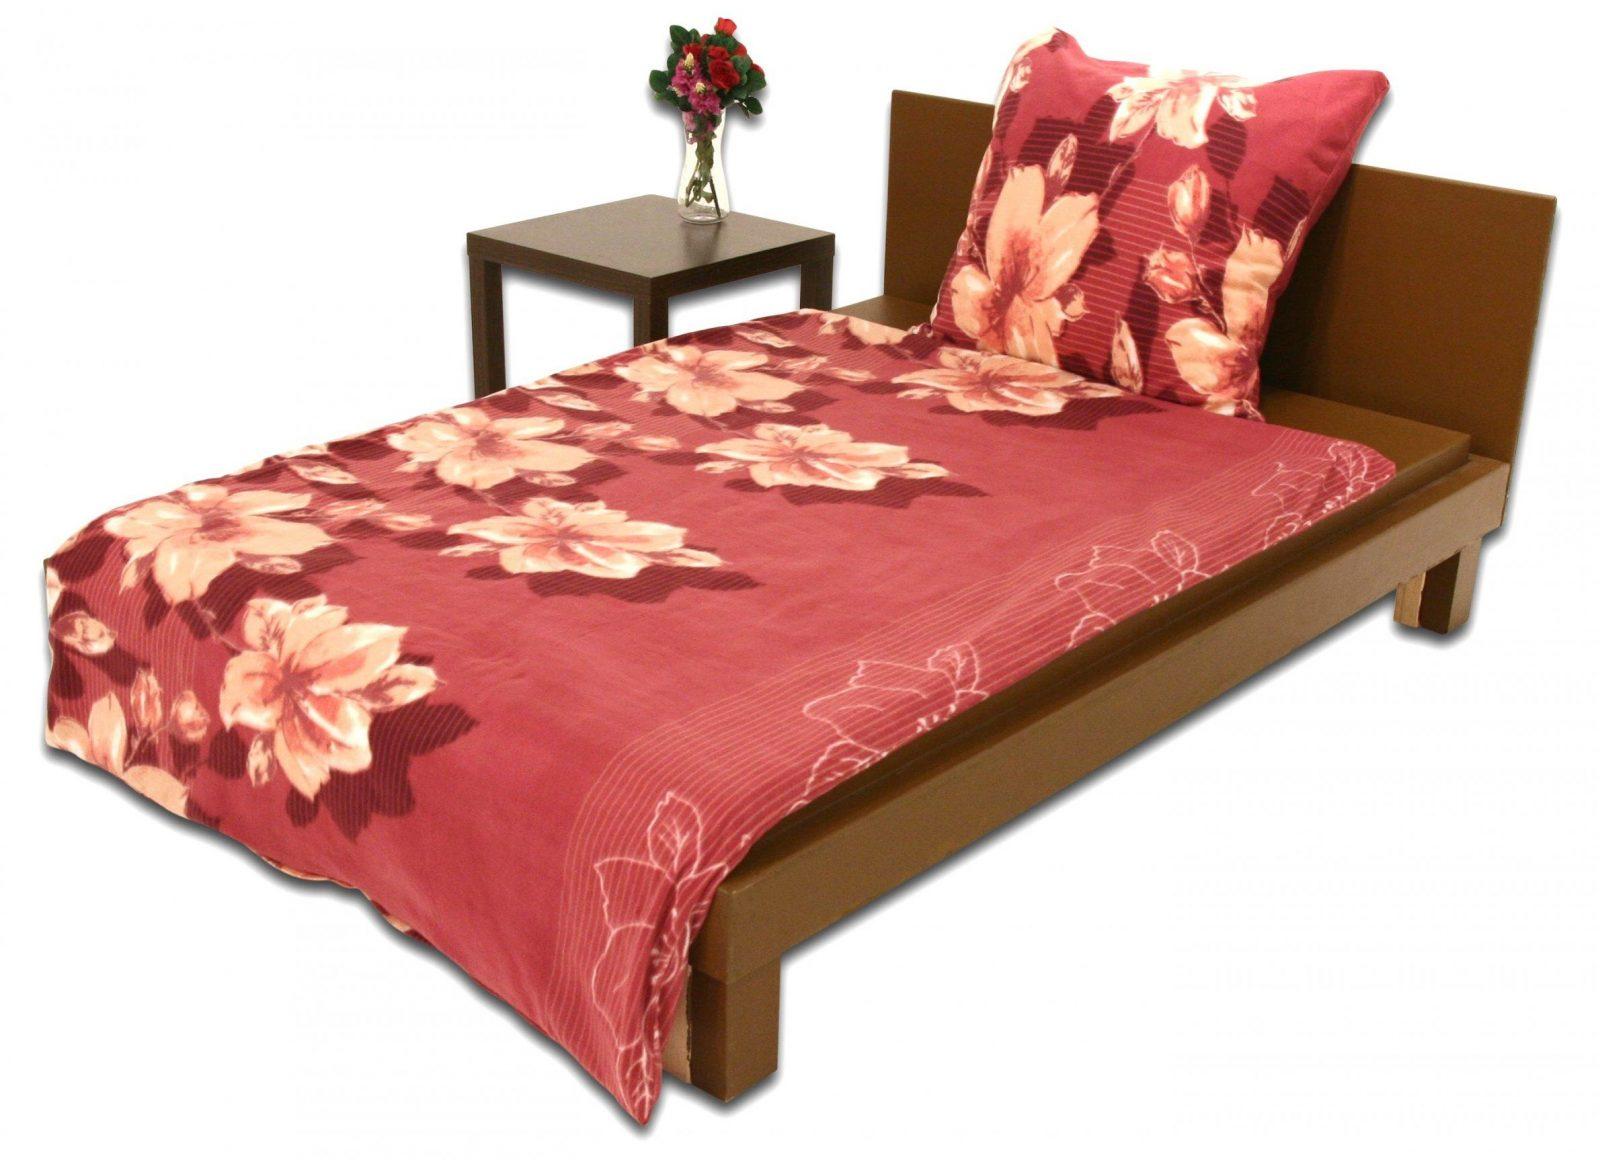 unglaubliche ideen 123 tv bettw sche und sch ne qvc microfaser von qvc badizio pl schtrikot. Black Bedroom Furniture Sets. Home Design Ideas